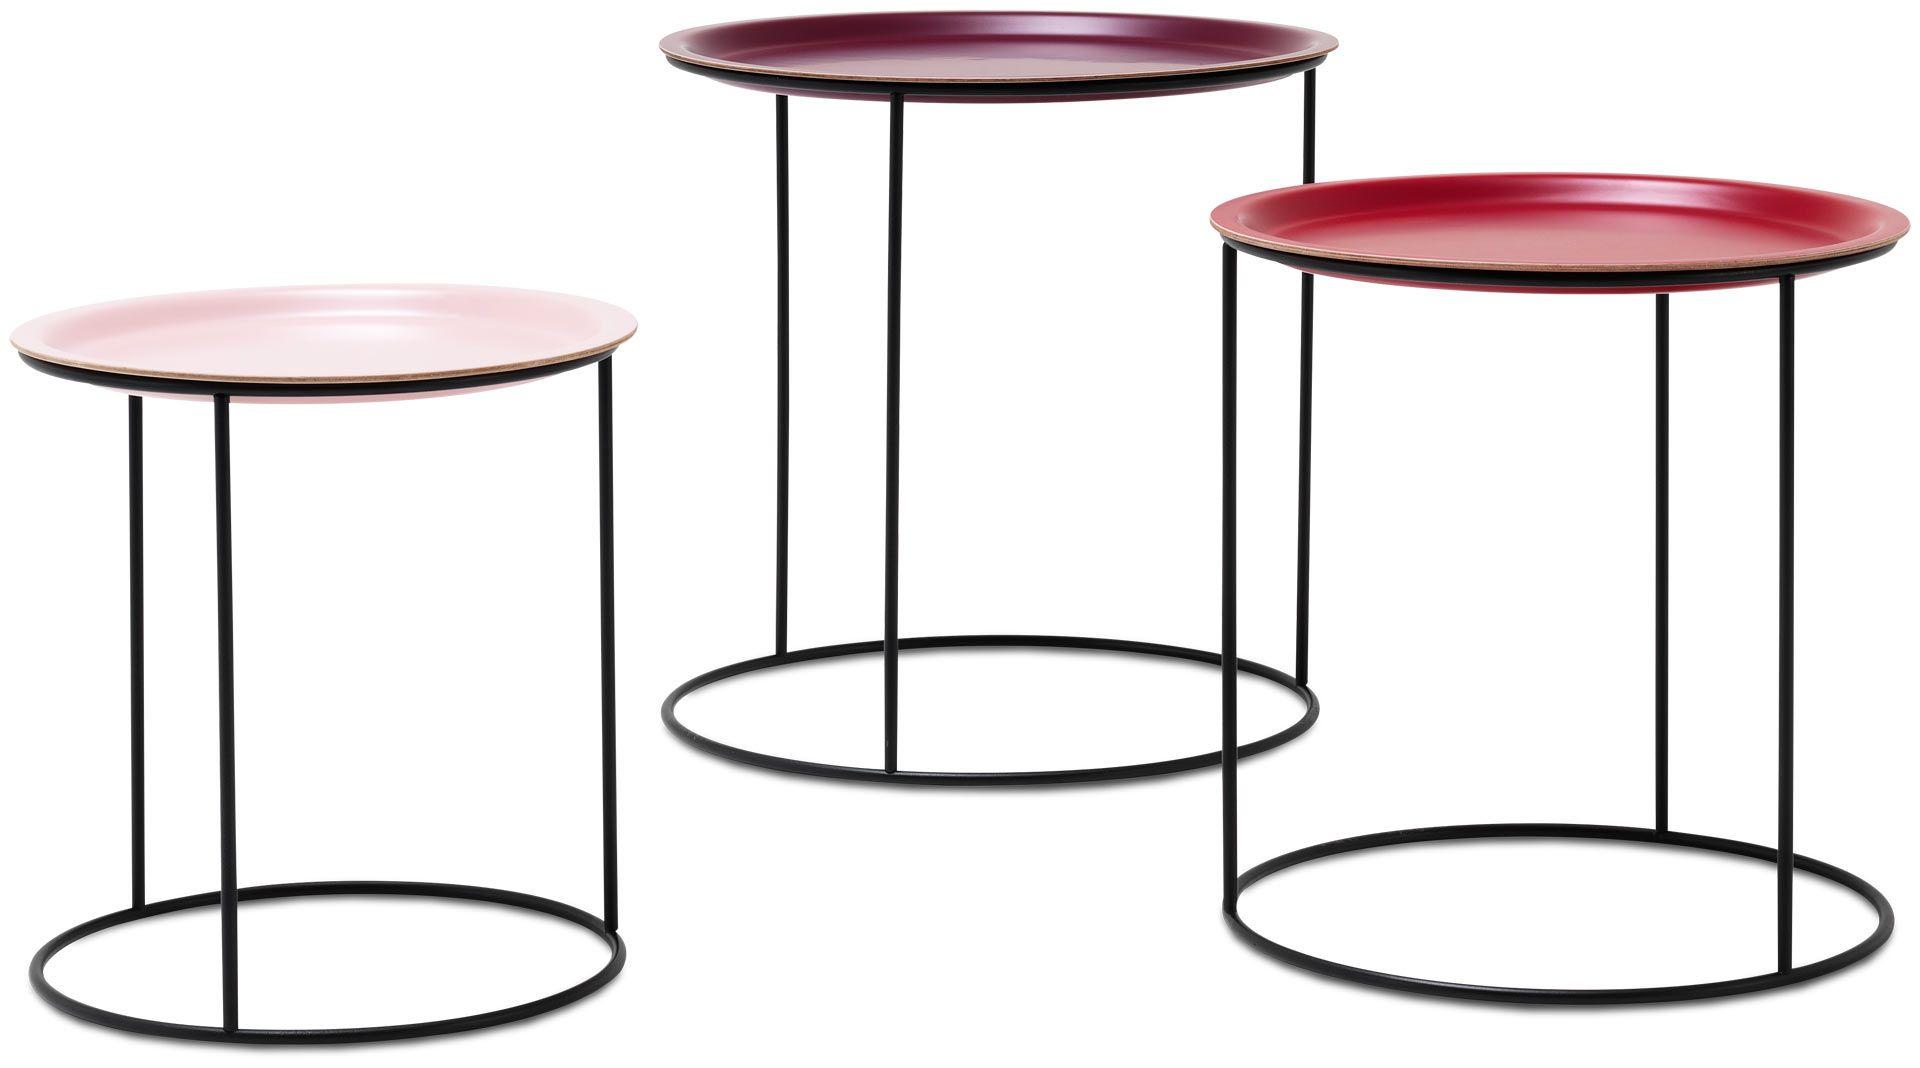 aa68bbc477096074a2a9e0aa2ff28290 Meilleur De De Table Marbre Ampm Concept